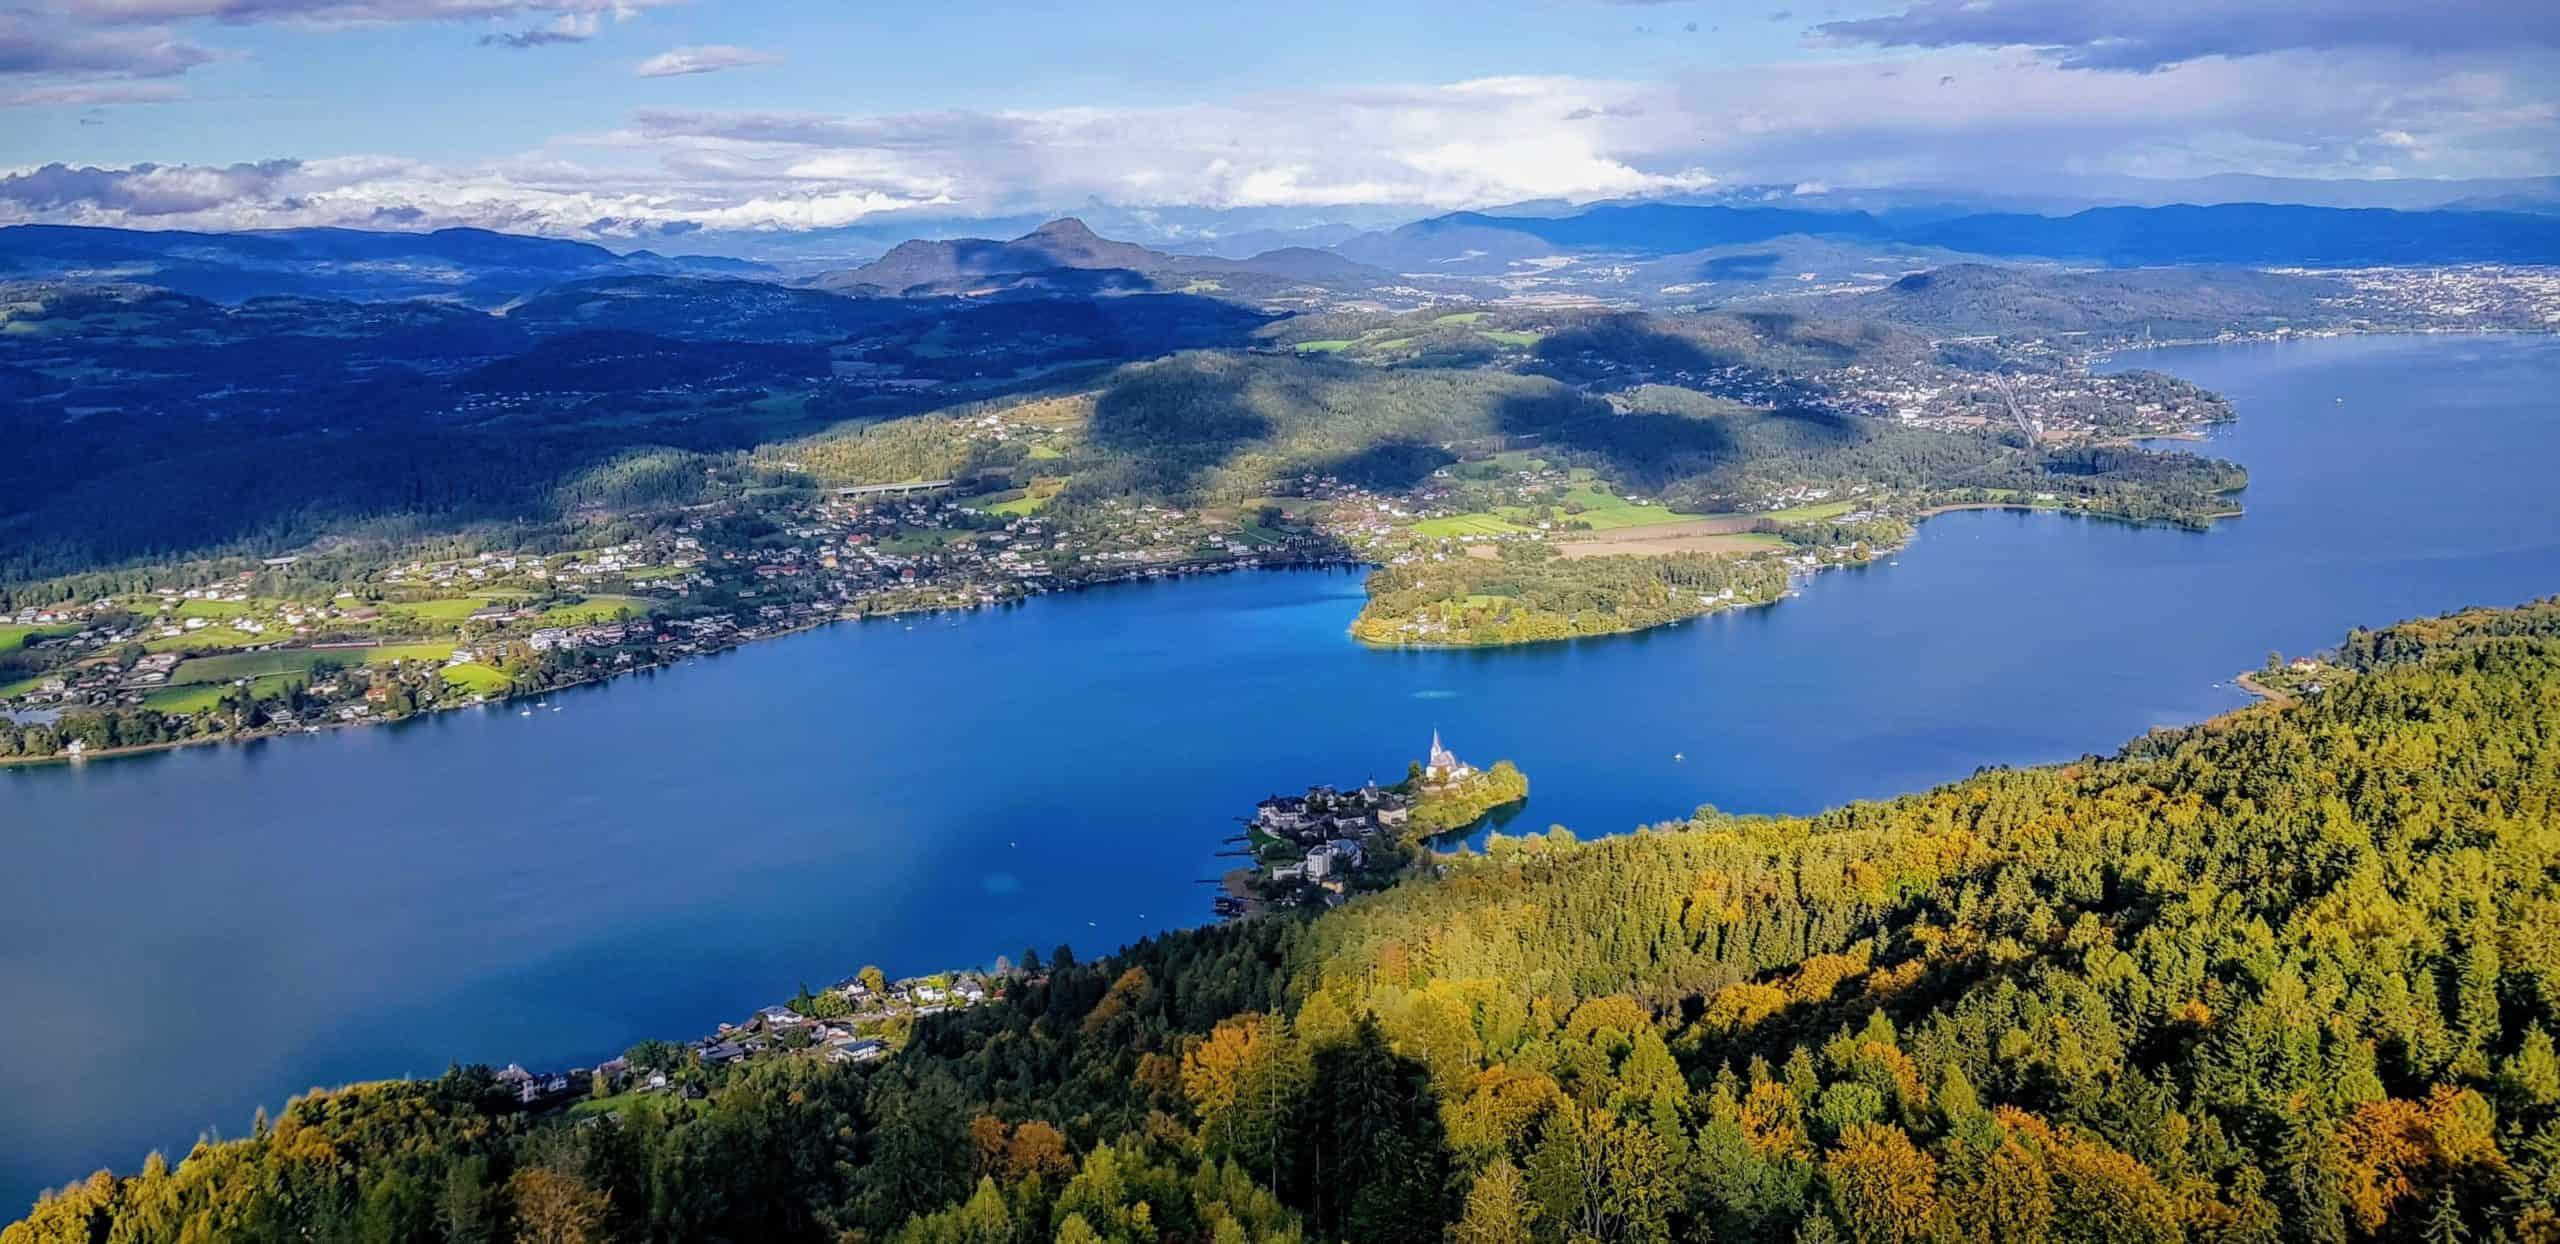 Panoramablick Pyramidenkogel auf Maria Wörth, Pörtschach, Krumpendorf und Klagenfurt in Kärnten - Österreich - bei Ausflug im Herbst.